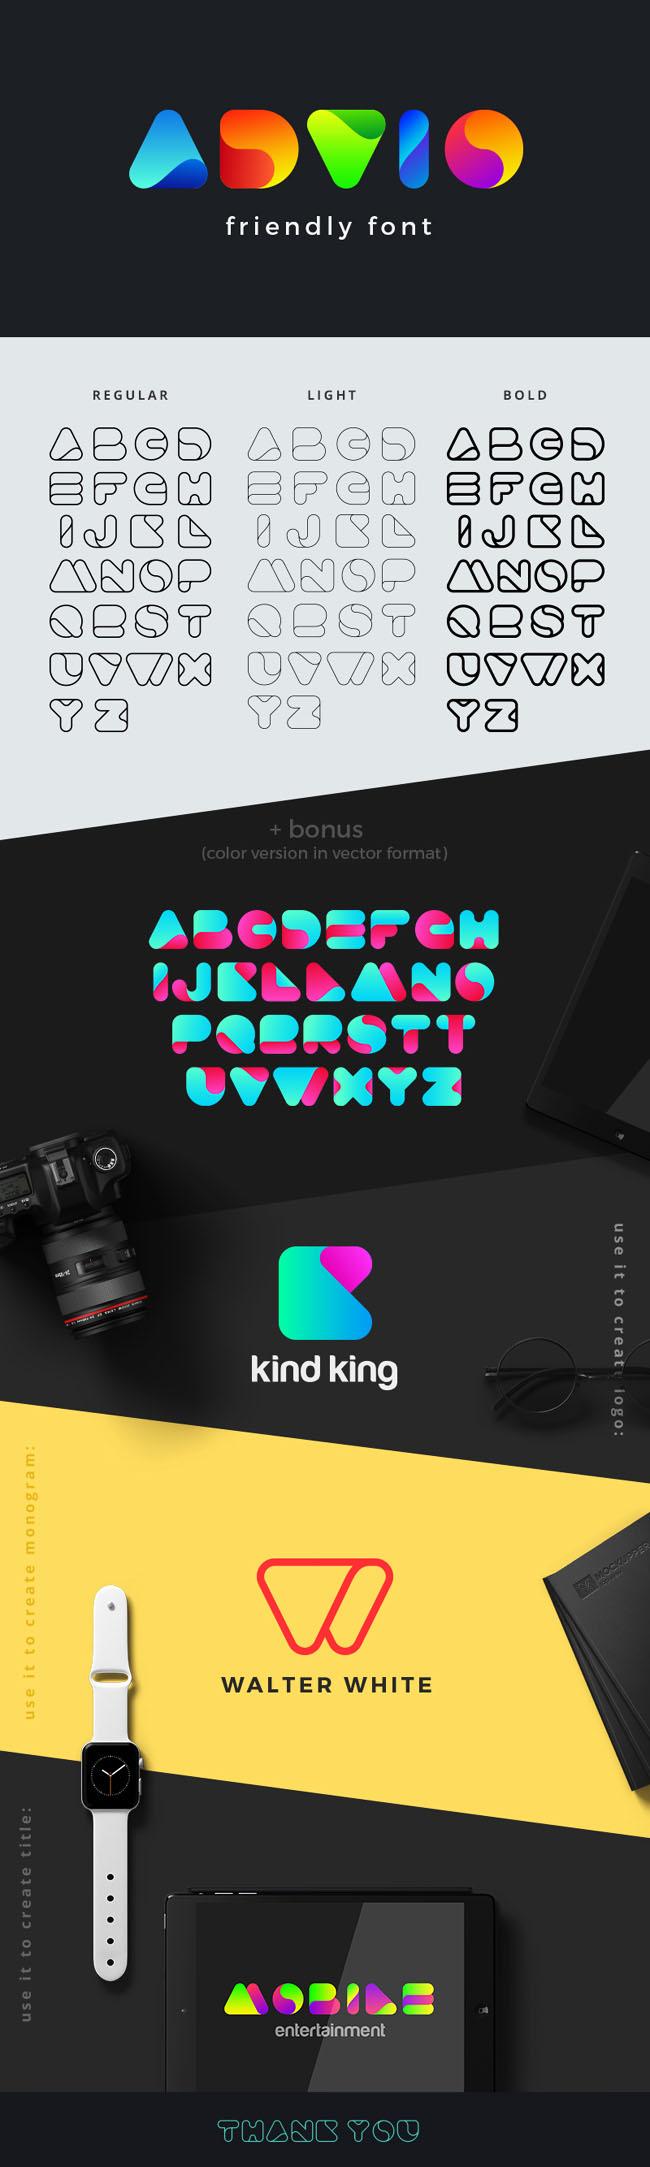 漂亮的Advio friendly英文字体设计